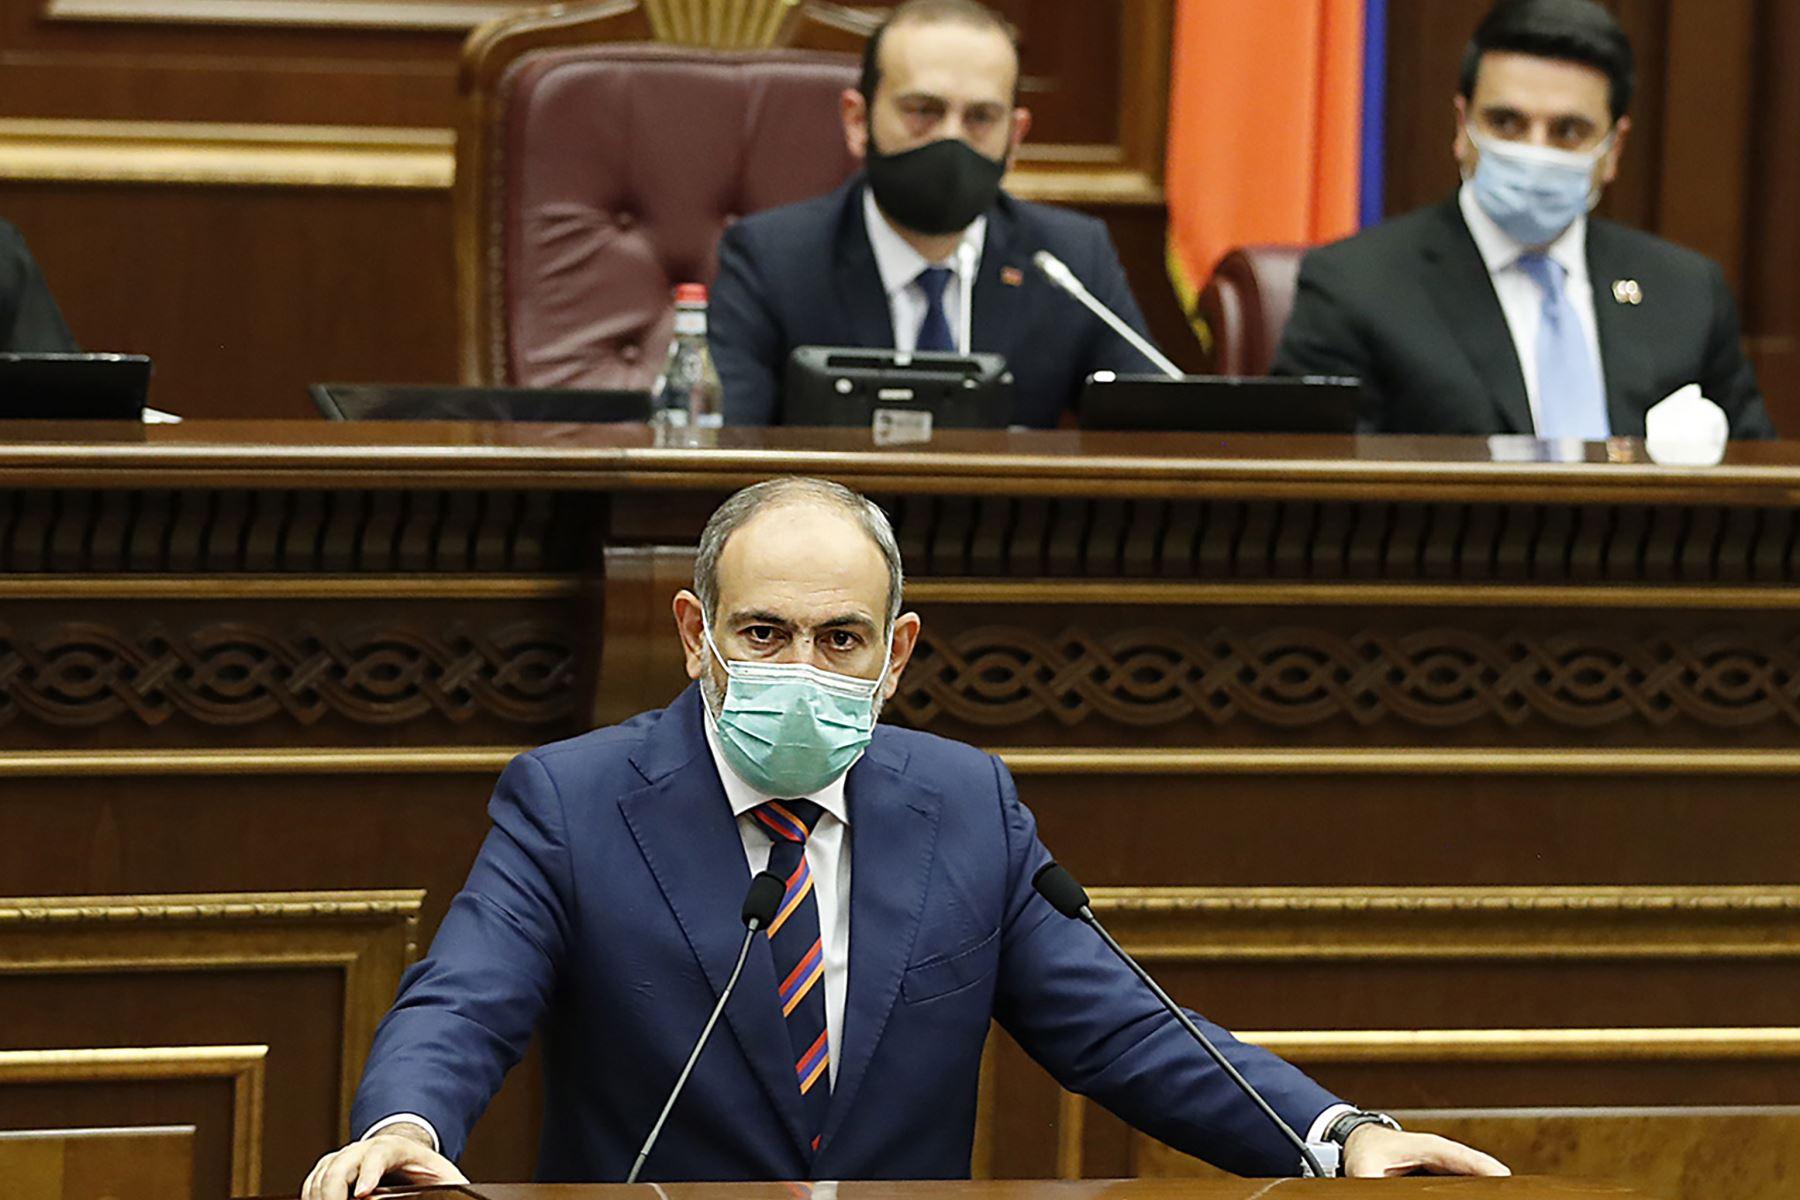 El primer ministro armenio, Nikol Pashinyan, pronuncia un discurso en el parlamento en Ereván . Los archienemigos Armenia y Azerbaiyán  se acusaron mutuamente de iniciar enfrentamientos mortales que se cobraron al menos 23 vidas durante una disputa territorial de décadas. Foto: AFP